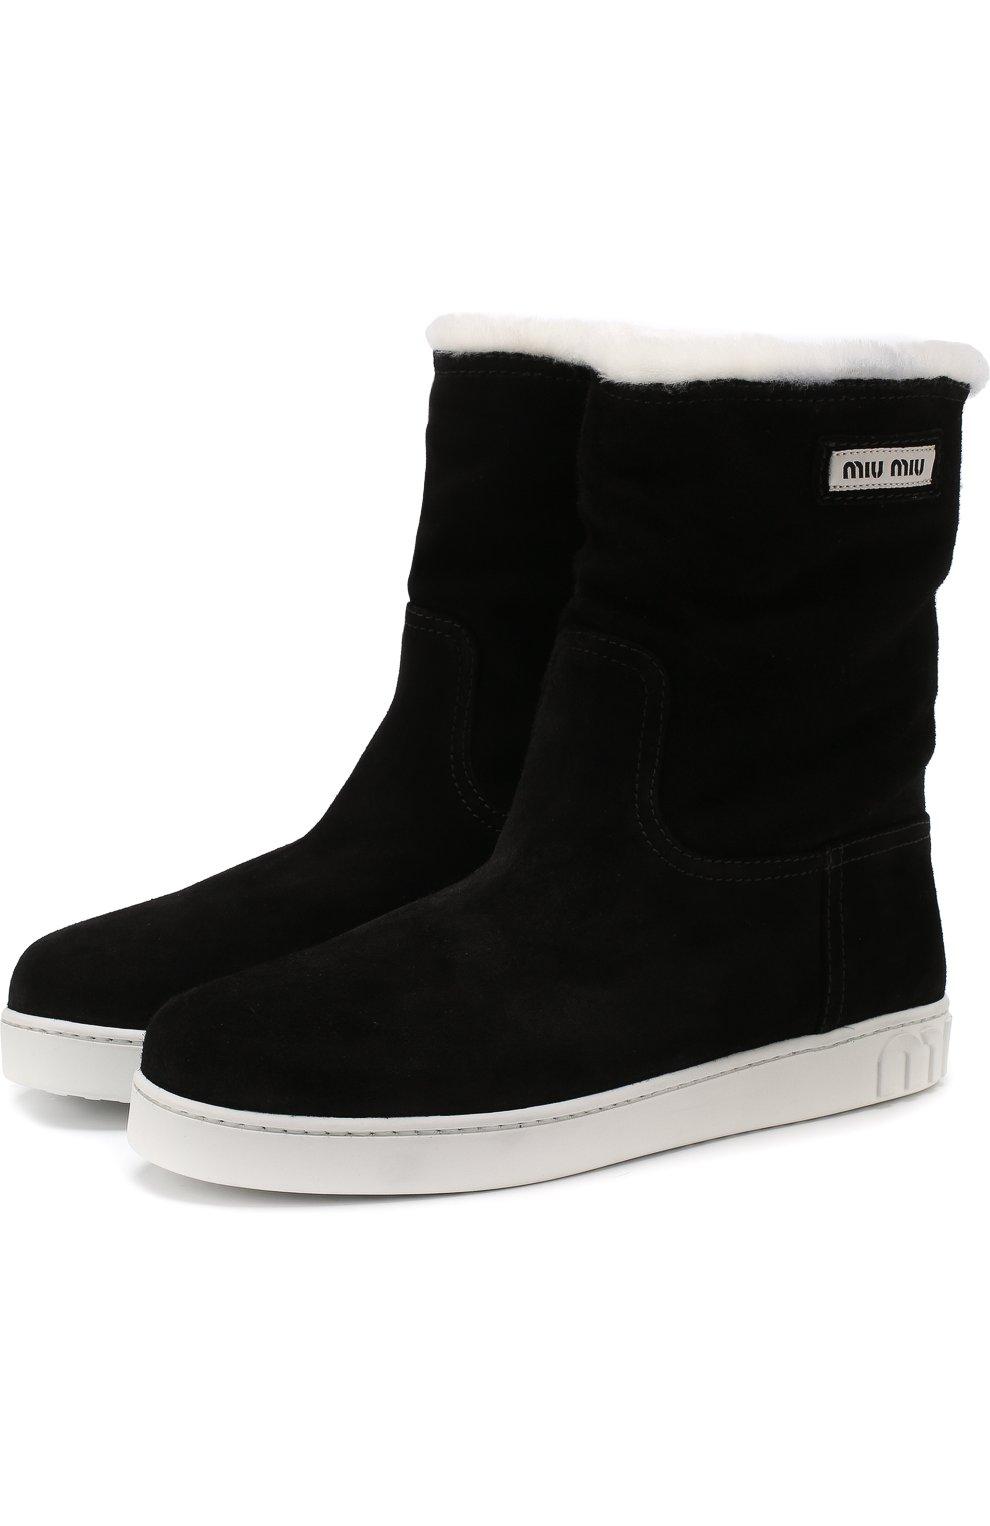 Женская обувь Miu Miu по цене от 21 100 руб. купить в интернет-магазине ЦУМ c1a1f983577